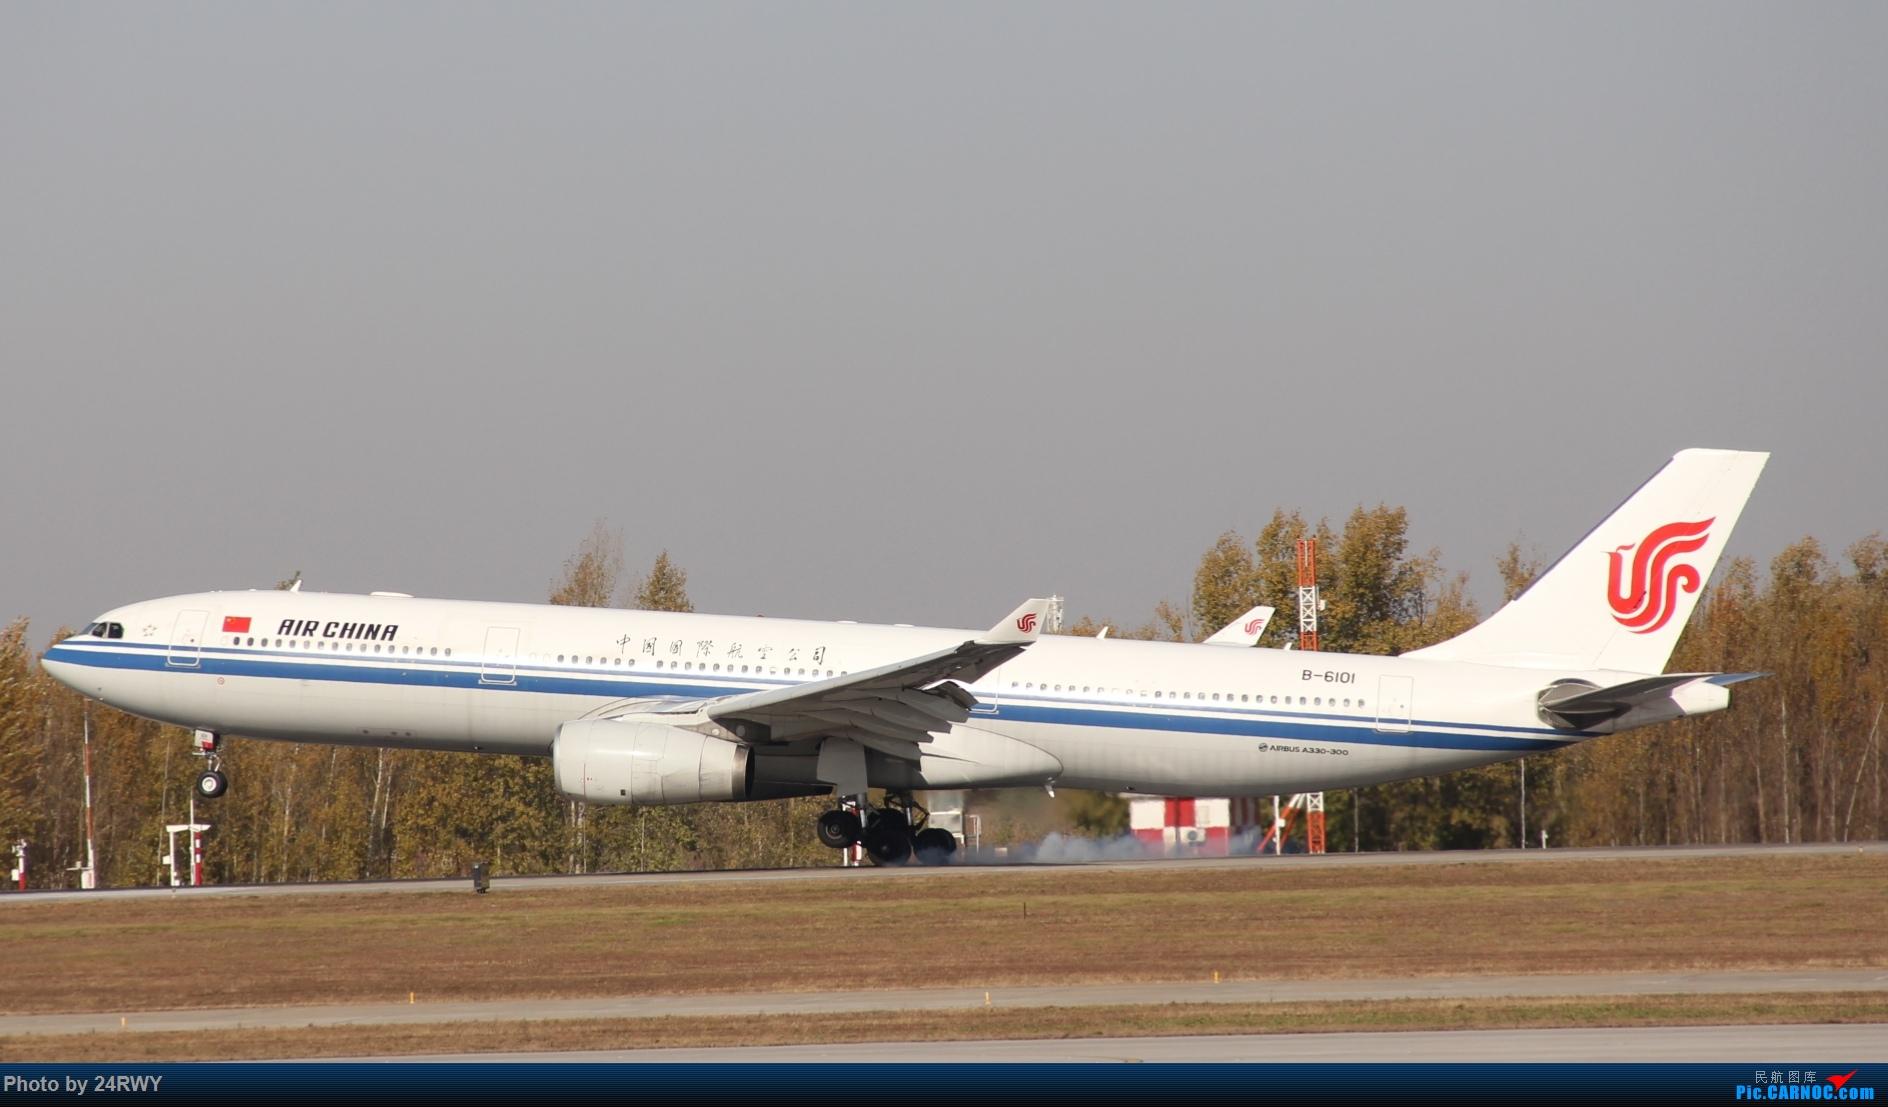 [原创]国航A333长春龙嘉擦烟落地 AIRBUS A330-300 B-6101 中国长春龙嘉国际机场